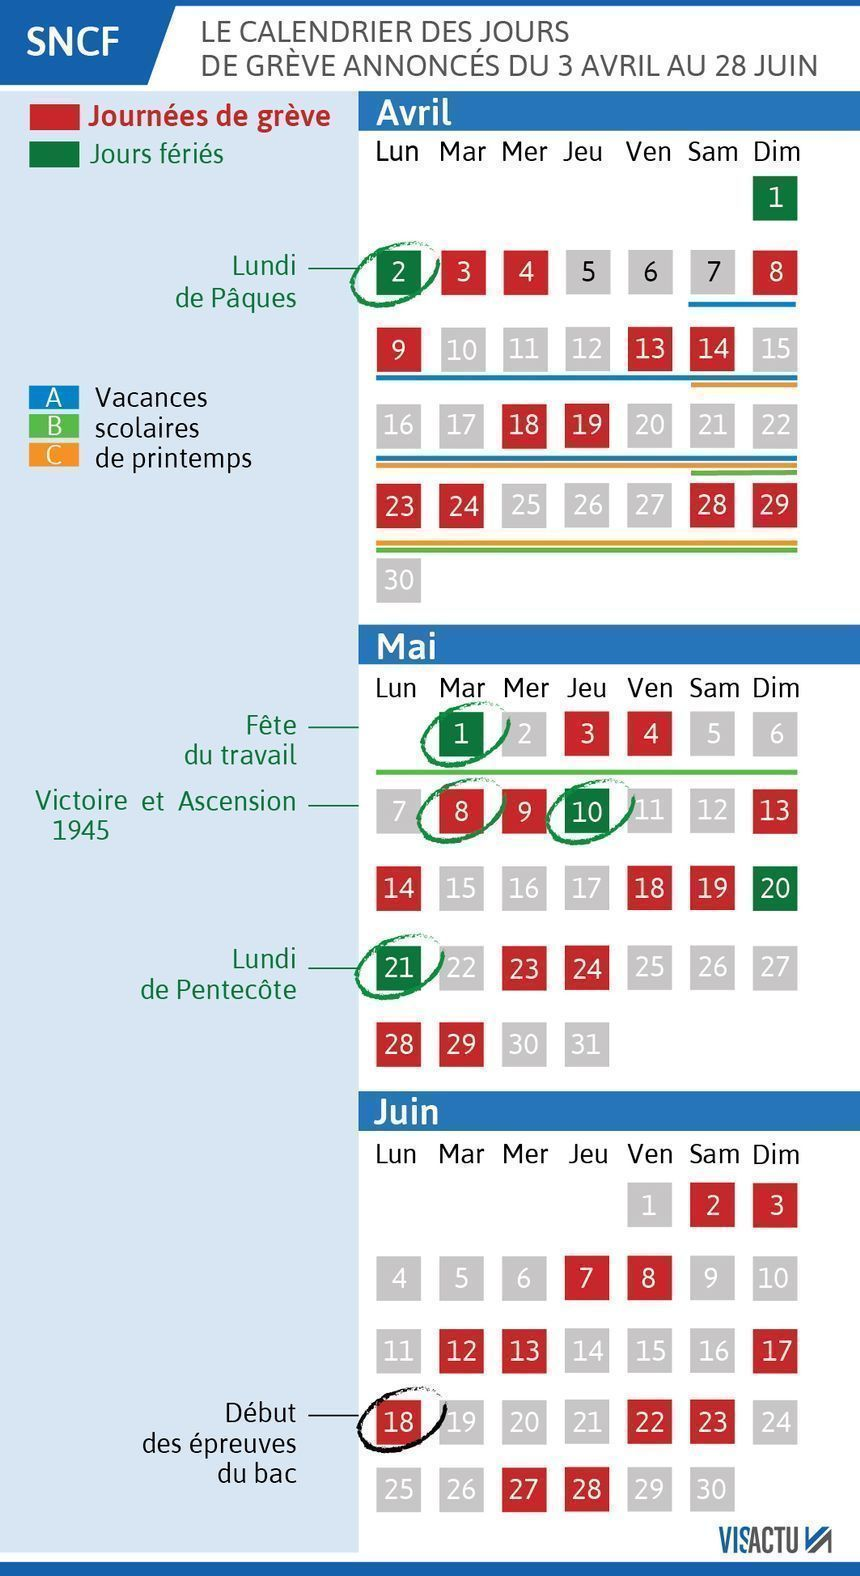 """Le calendrier des jours de grève """"perlée"""" annoncé par la direction de la SNCF"""